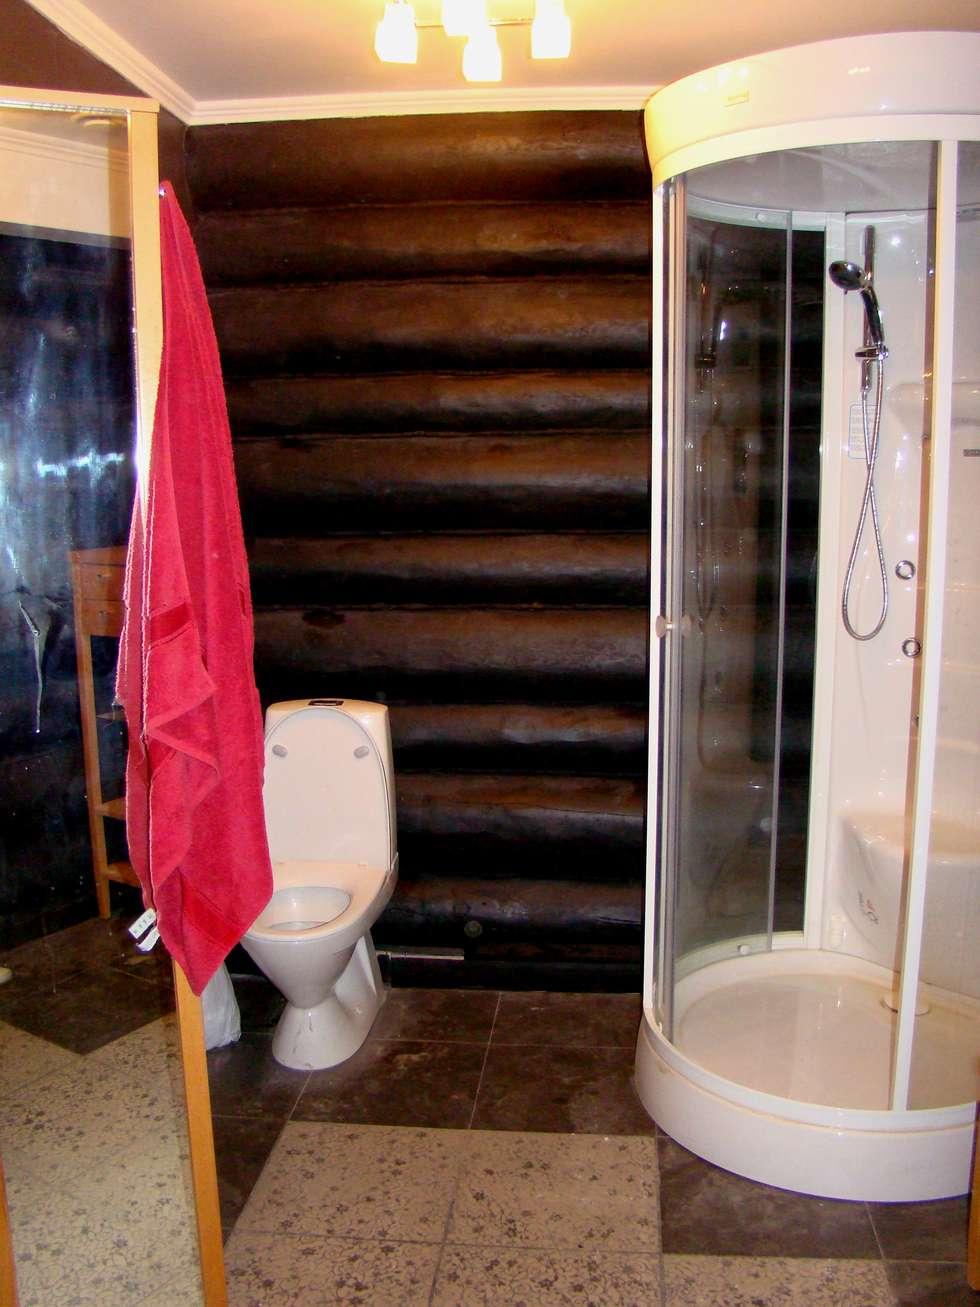 CASA DE BANHO: Casas de banho rústicas por D O M | Architecture interior